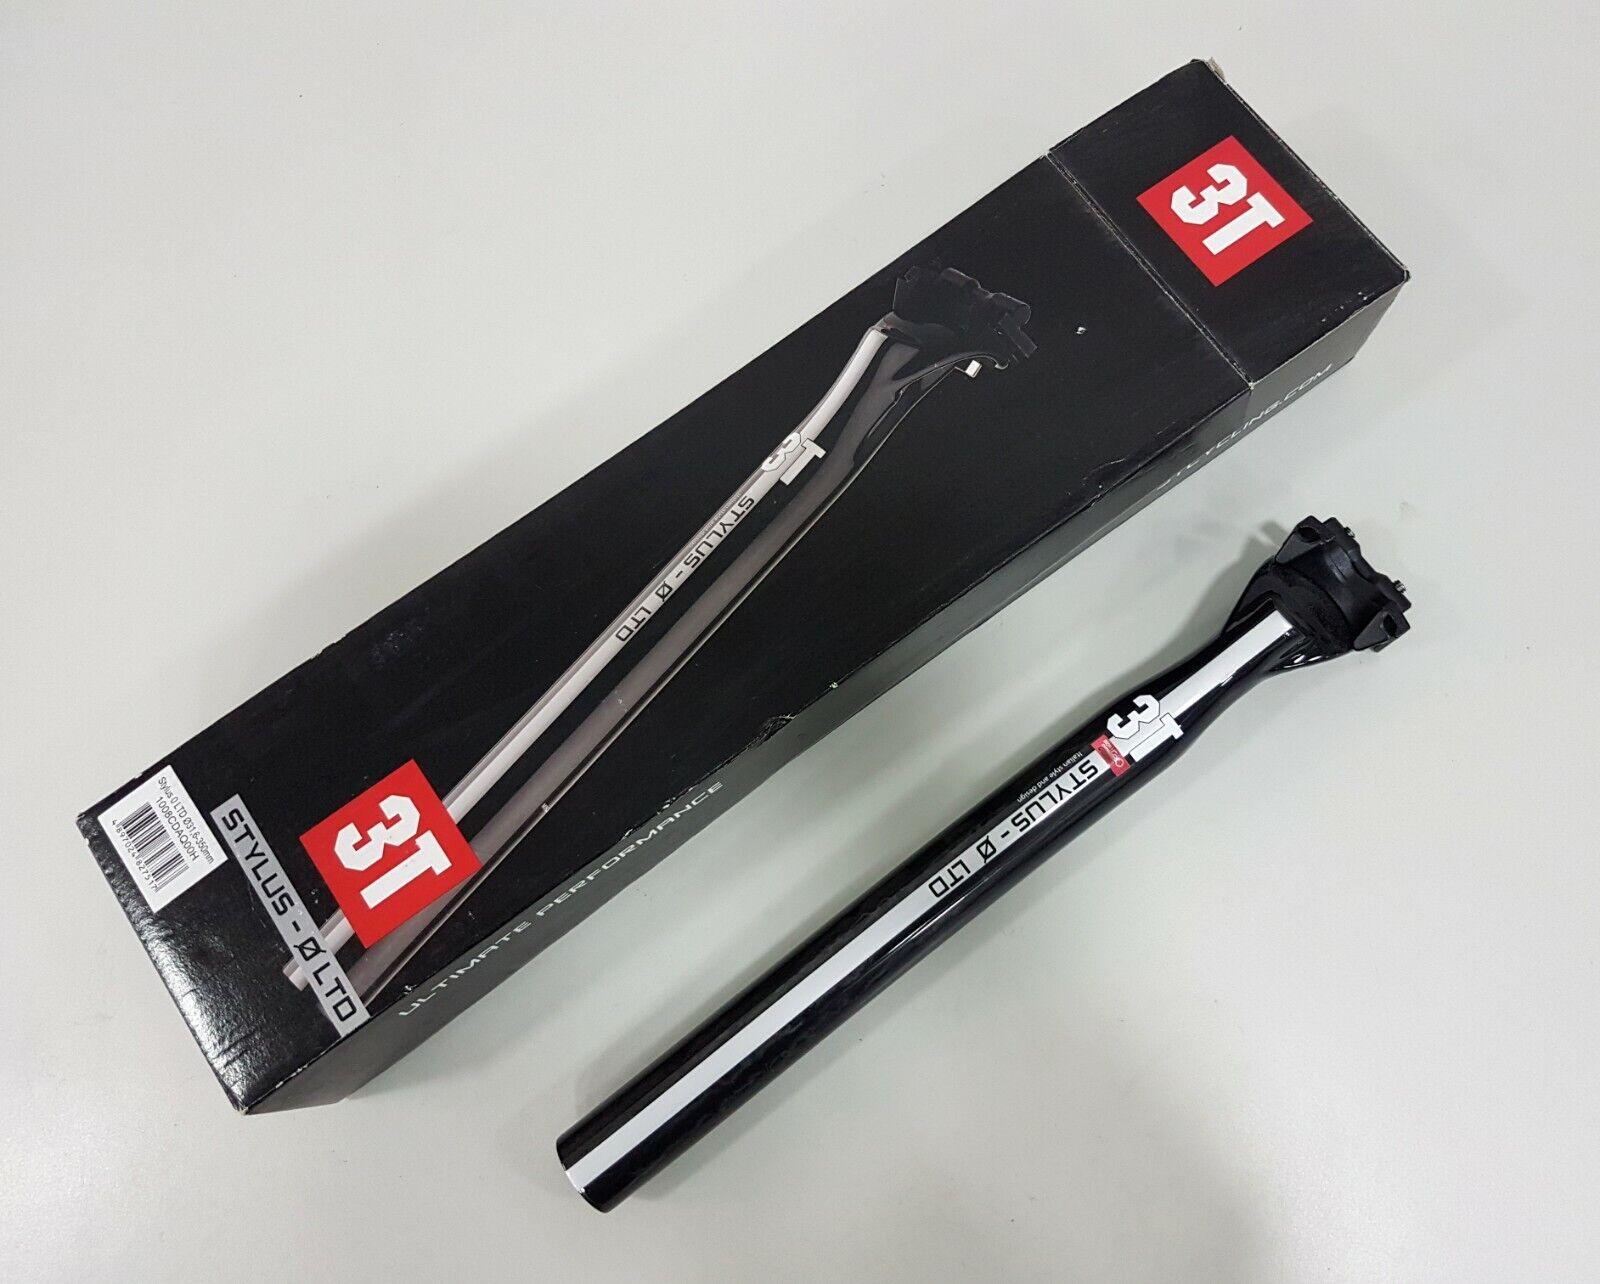 3T Stylus - 0 LTD Carbono Tija Plata Negro ∅ 31.6 350mm